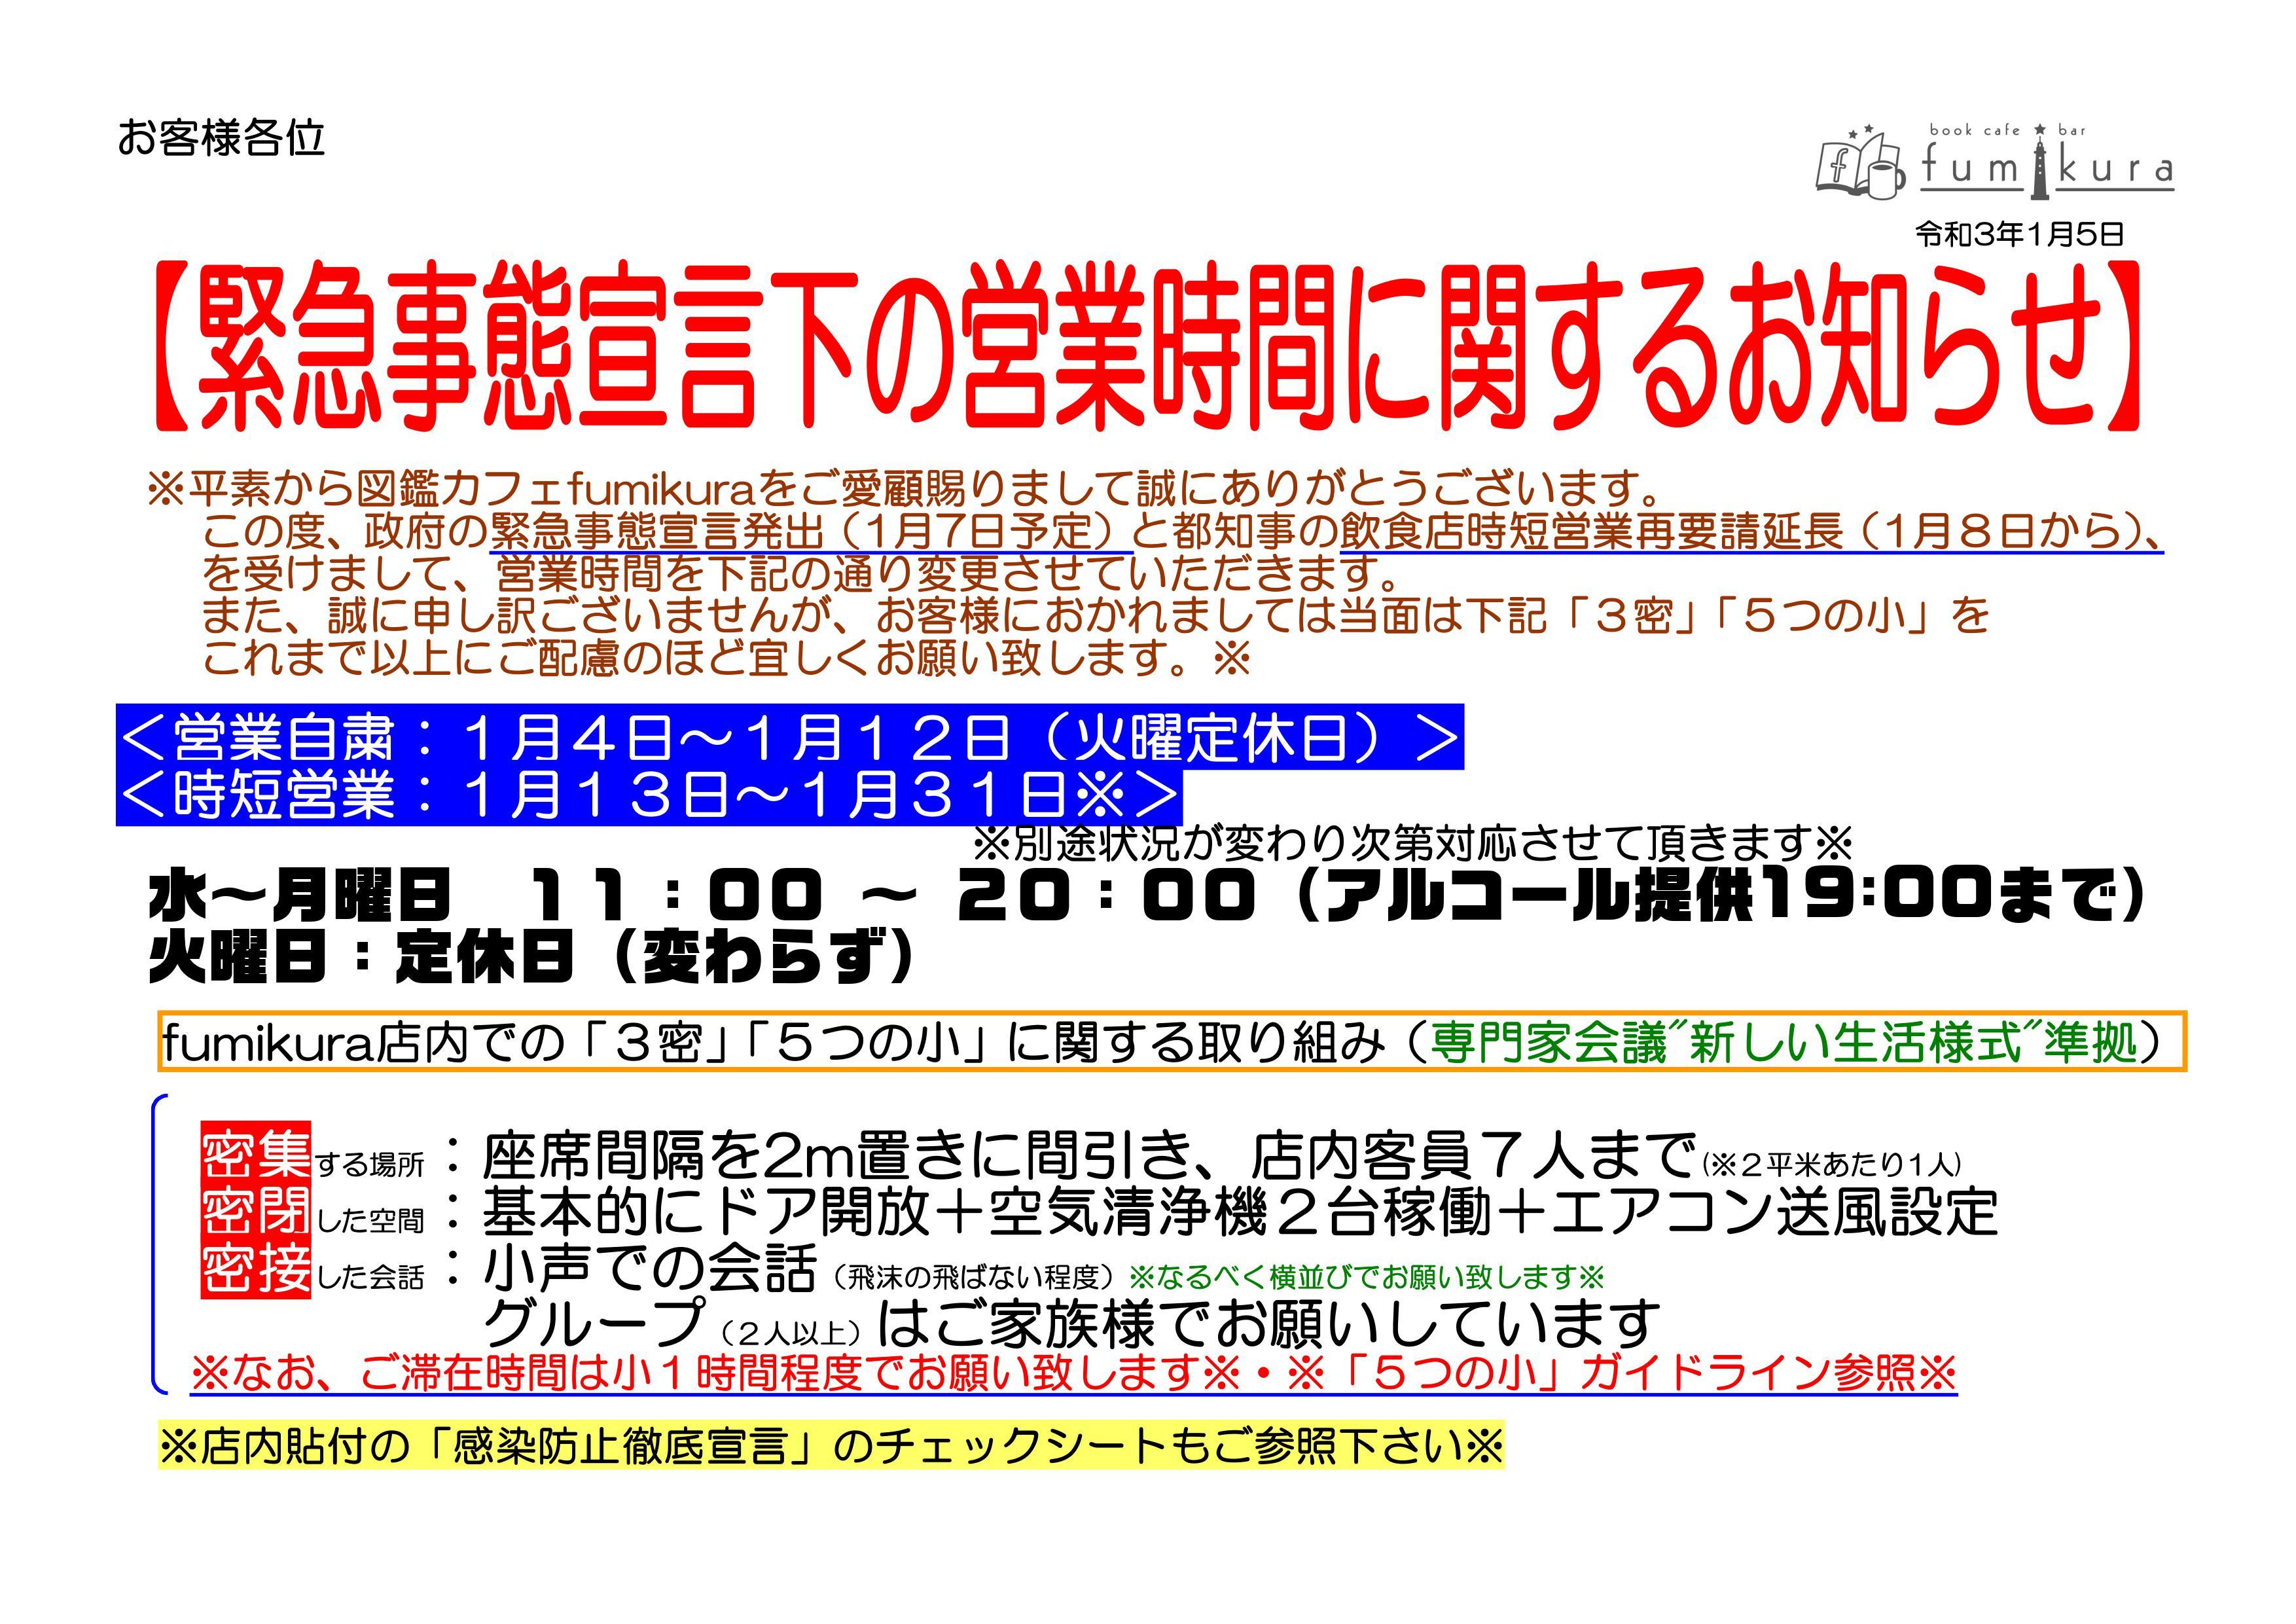 1月5日:緊急事態宣言下の営業に関しまして(1月8日追記)